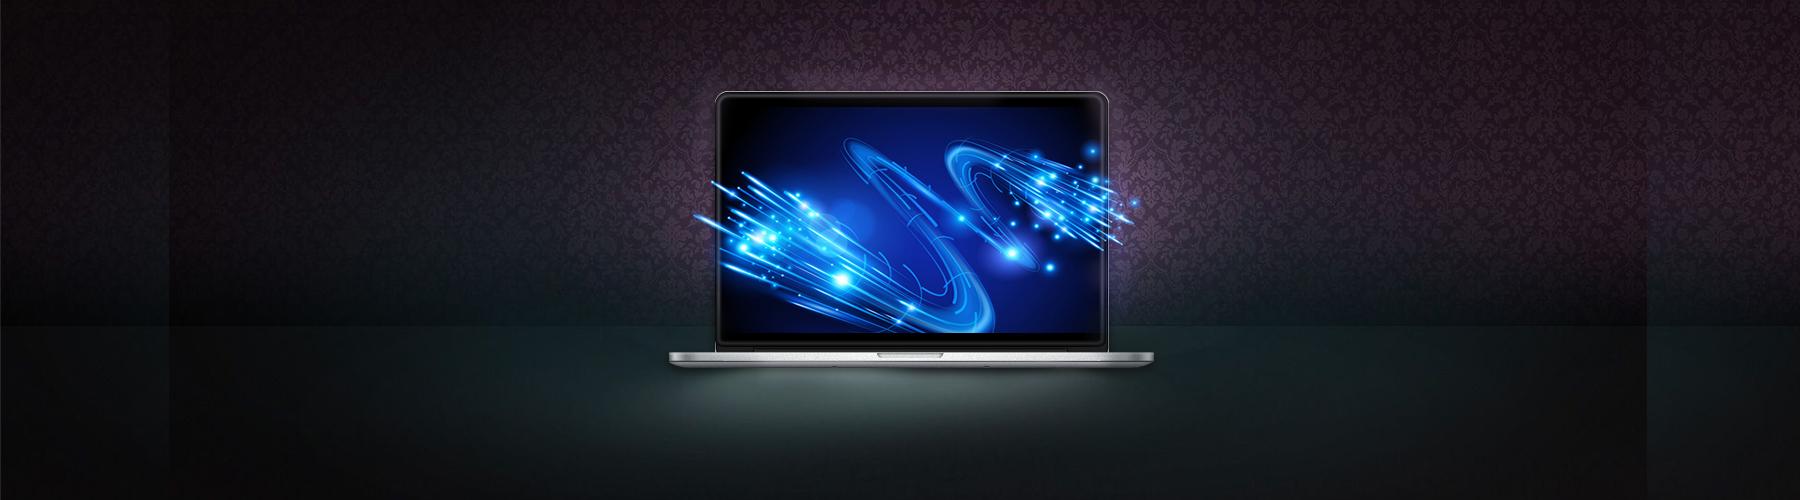 Internet Dedicada - V7 Telecom